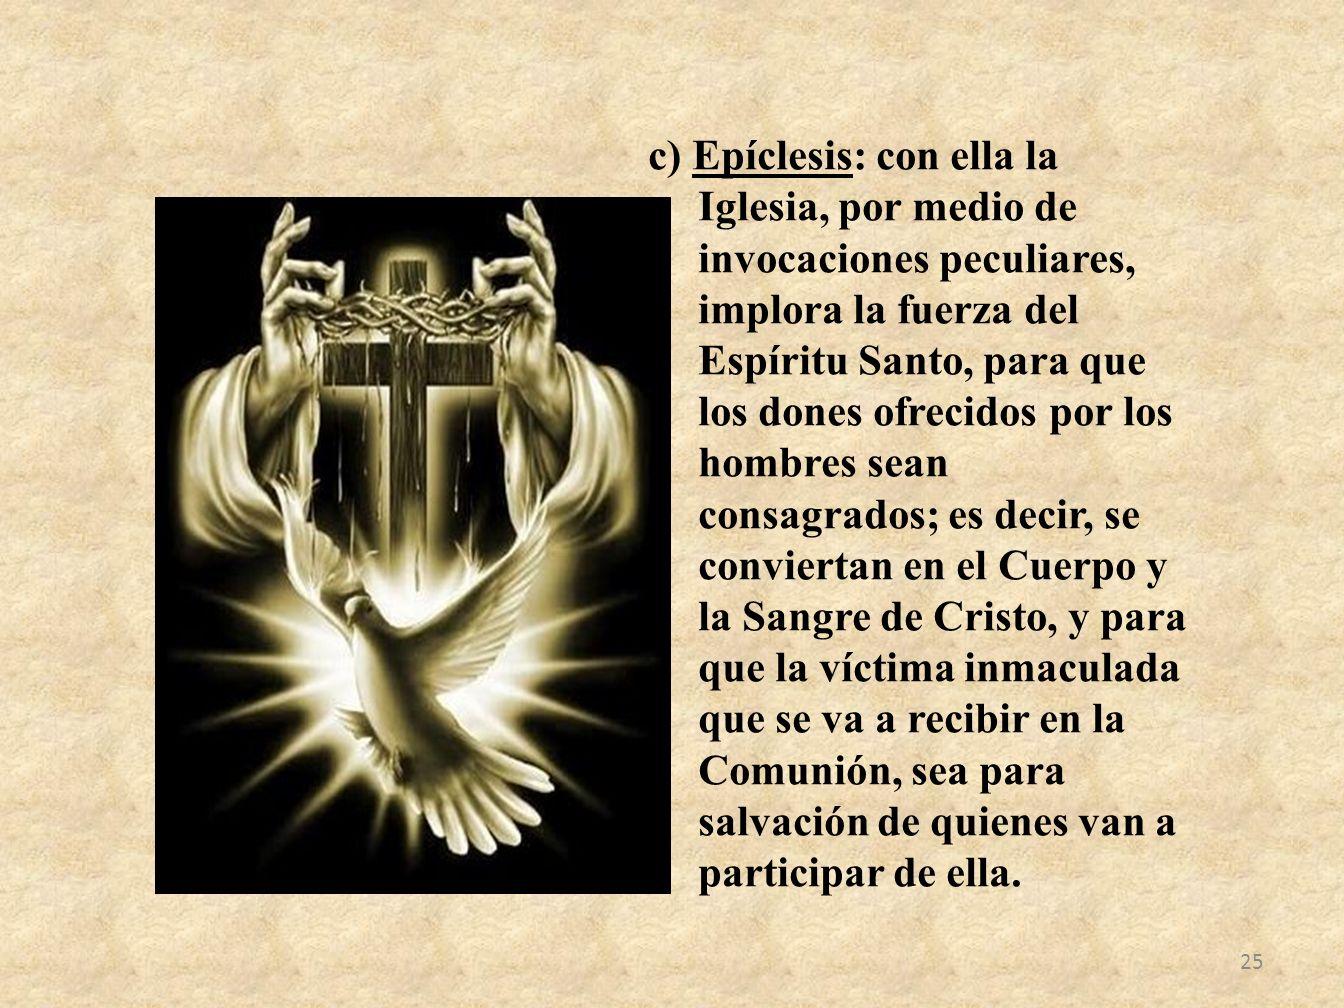 c) Epíclesis: con ella la Iglesia, por medio de invocaciones peculiares, implora la fuerza del Espíritu Santo, para que los dones ofrecidos por los ho